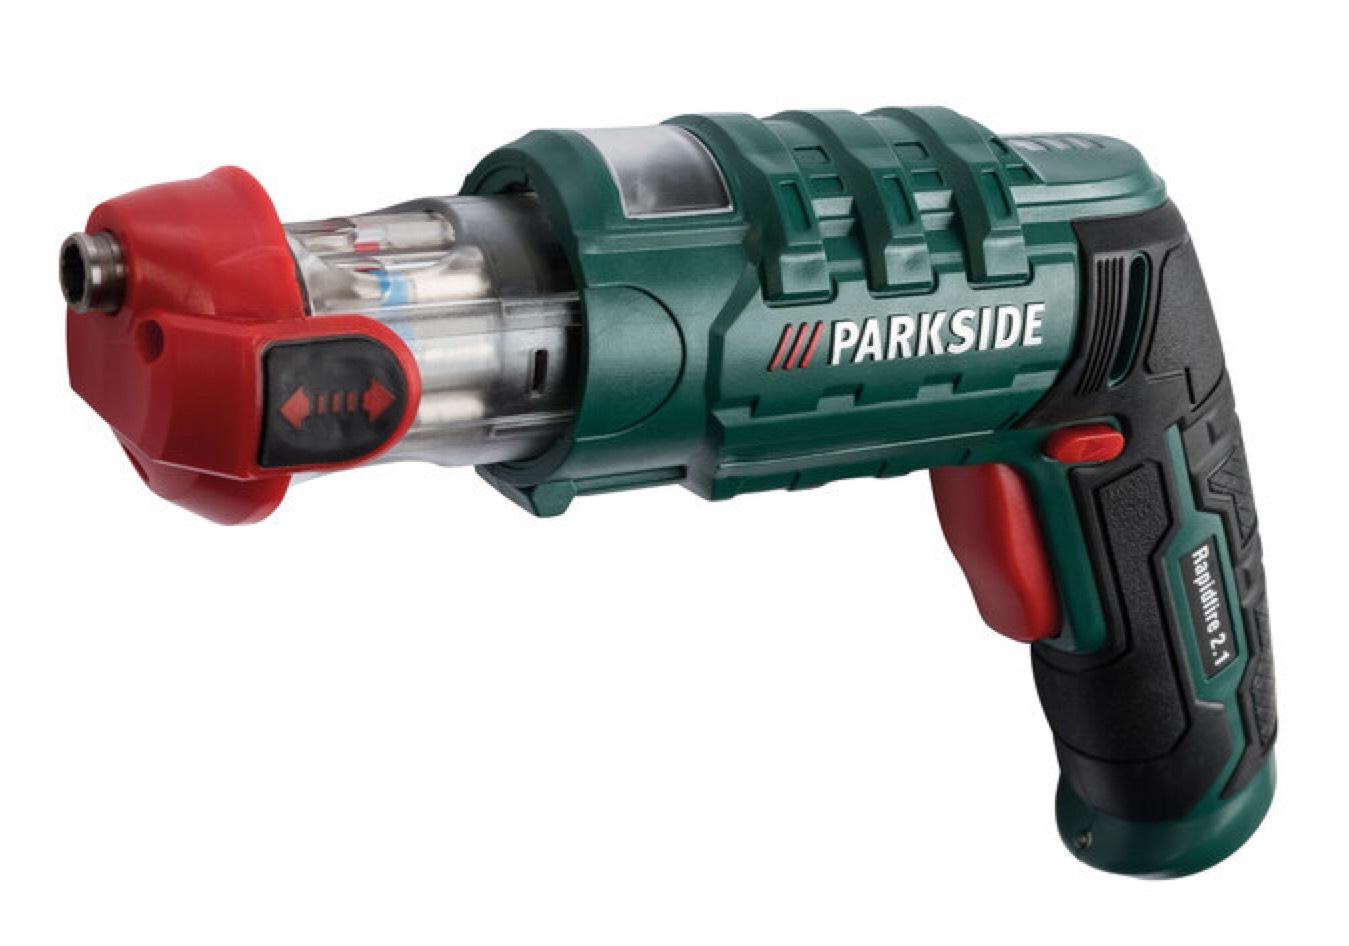 Parkside 3.6v Cordless Screwdriver £14.99 @ Lidl